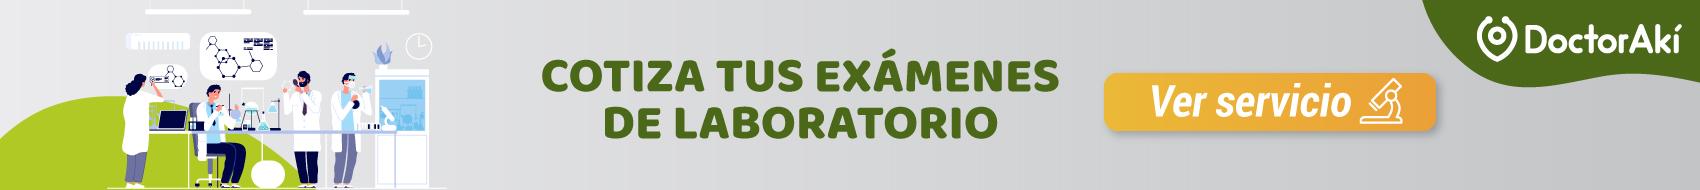 Exámenes de laboratorio 1700x190